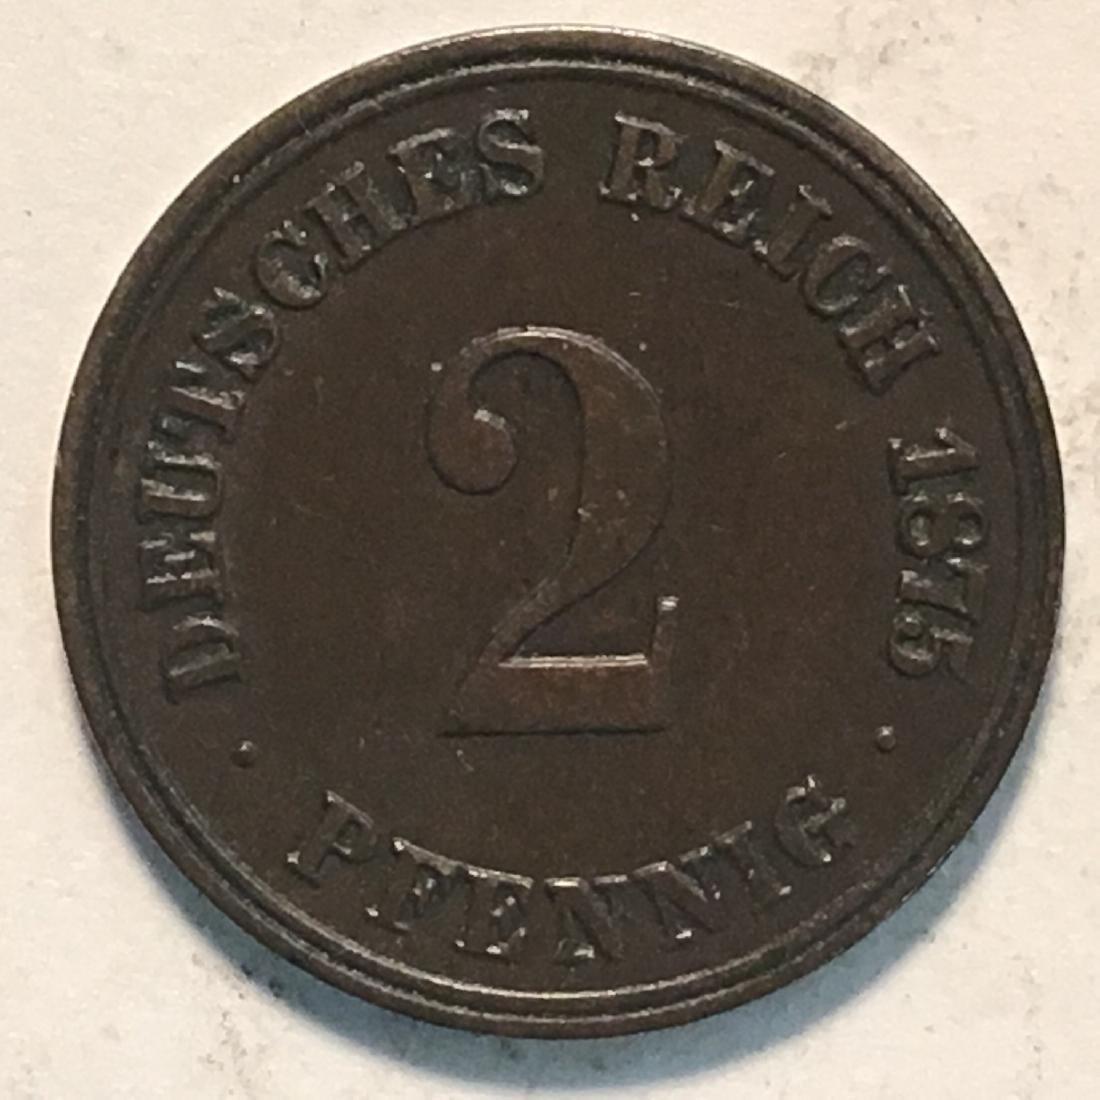 1875 GERMANY 2 PFENNIG AU-UNC - 2